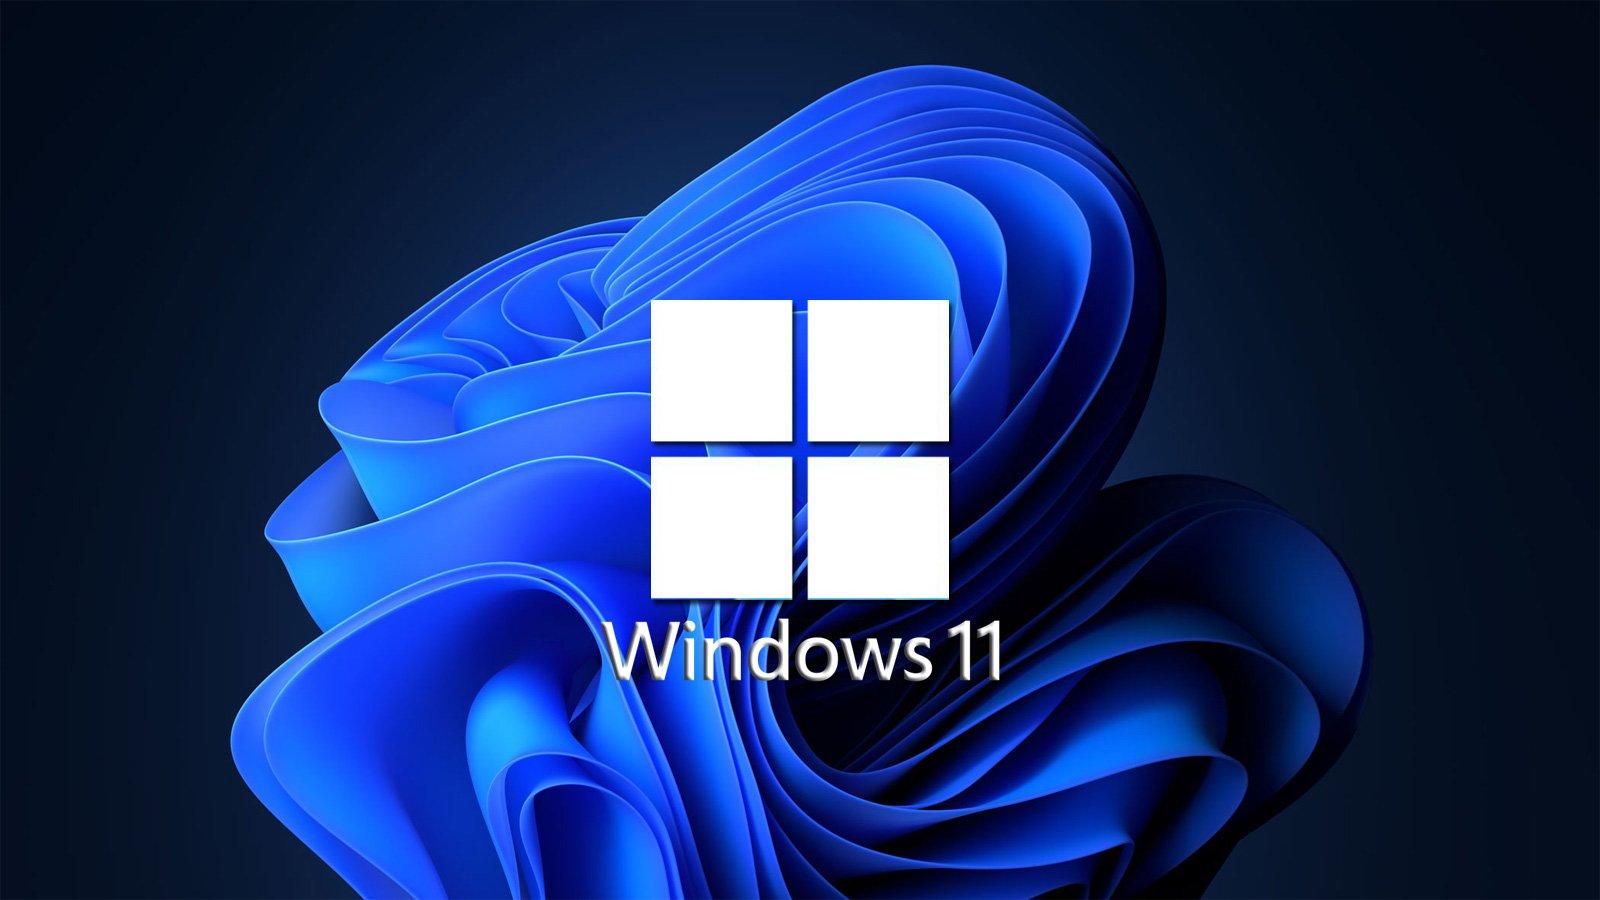 Windows 11 solo admitirá una CPU Intel de séptima generación, sin CPU AMD Zen